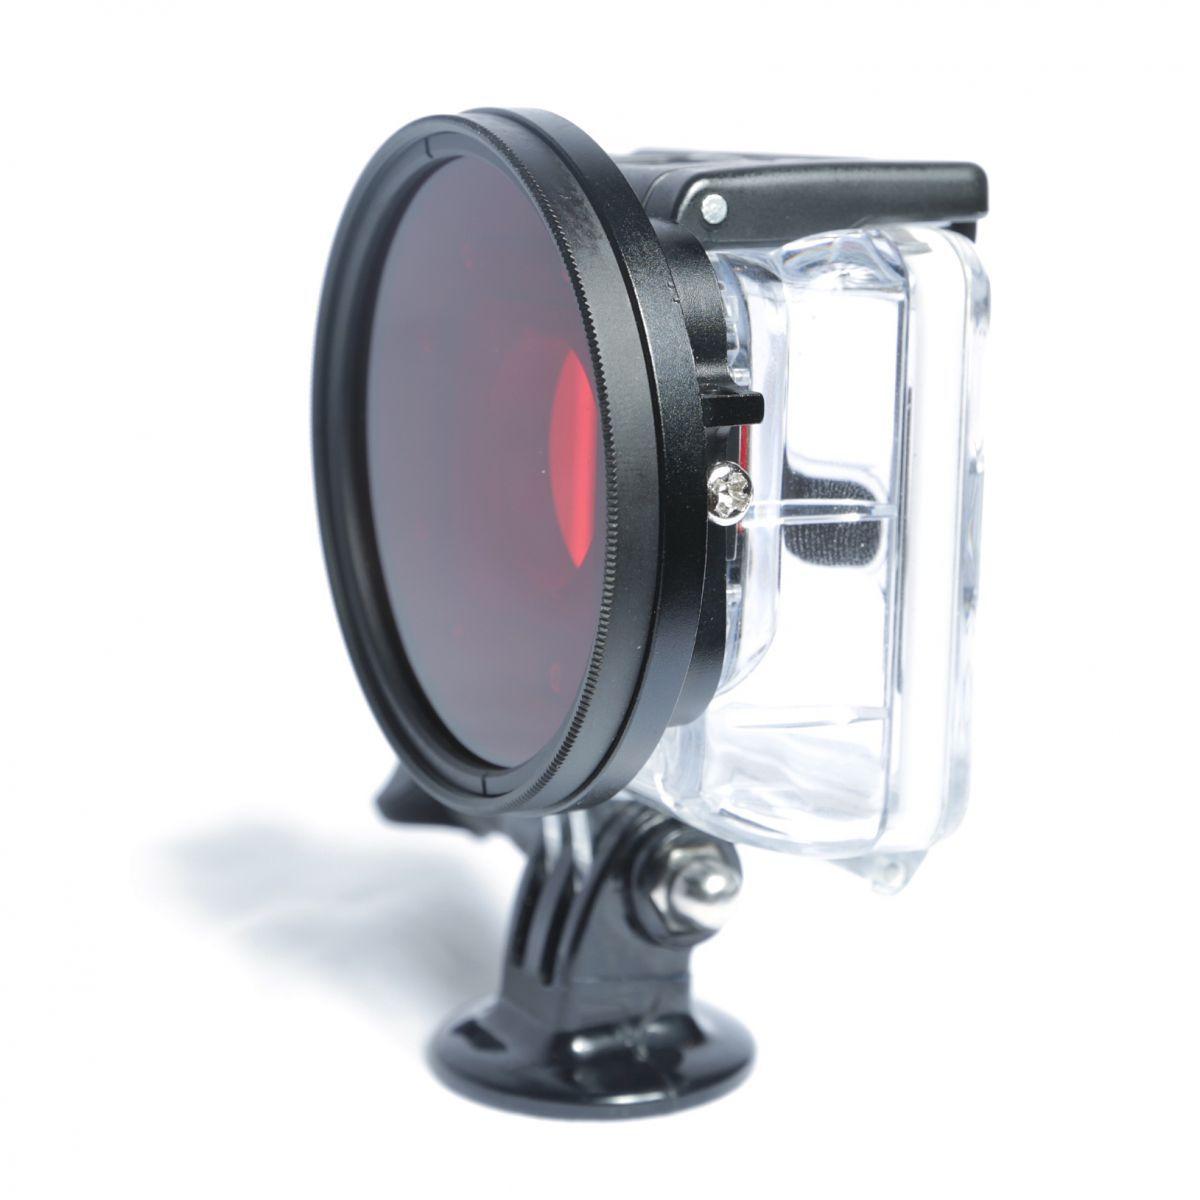 Рамка-адаптер для фильтров FUJIMI GP FRRF3 в комплекте с красным фильтром, диаметром 58 мм